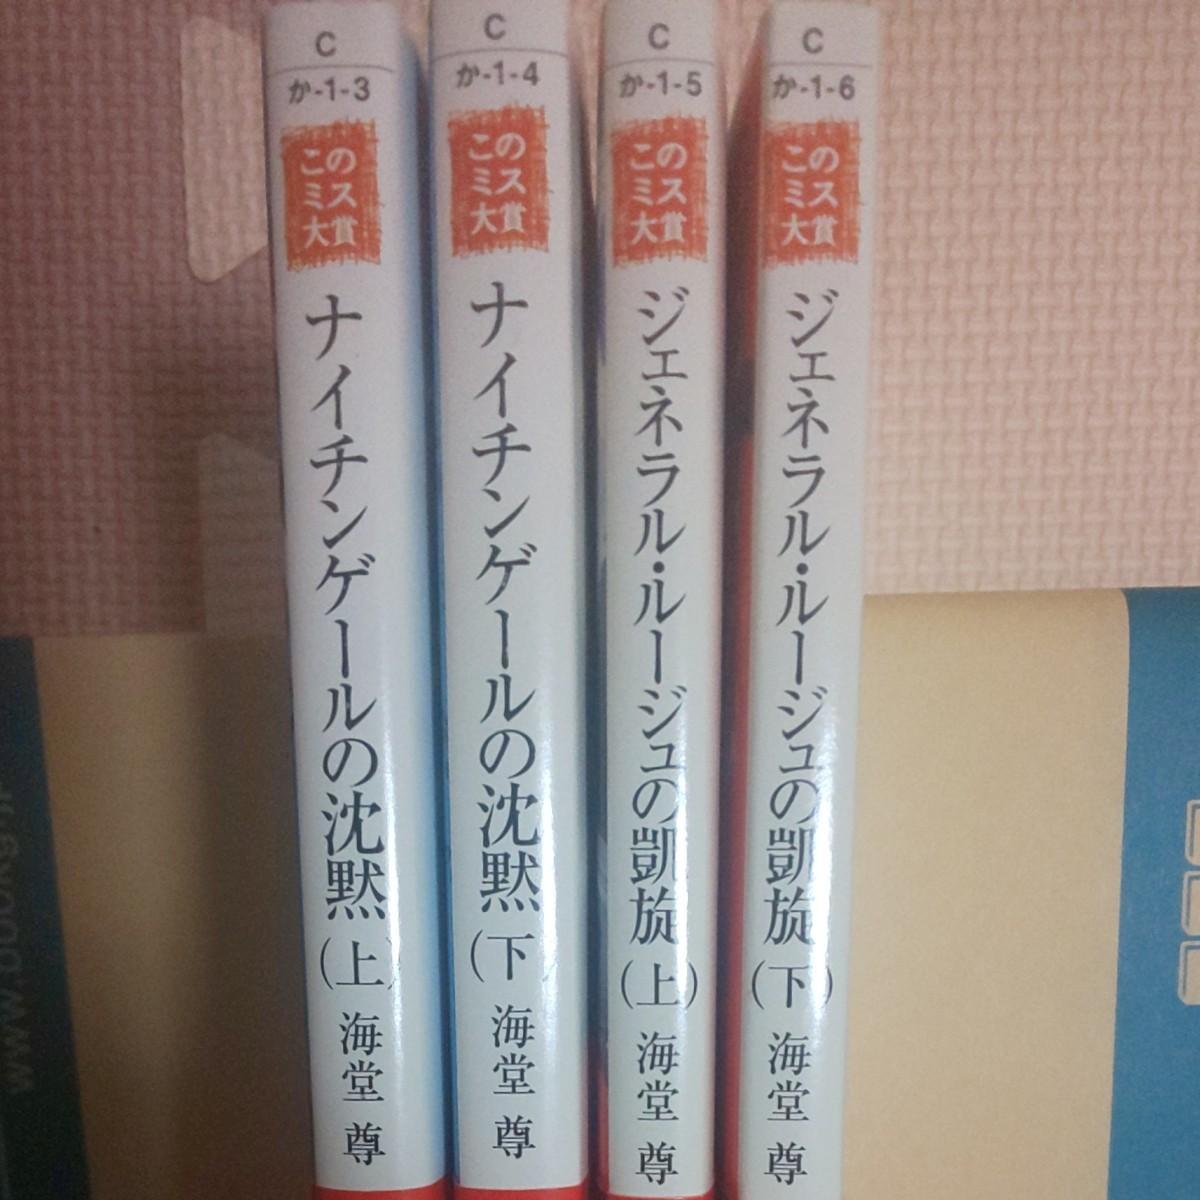 小説 海堂尊 4冊セット